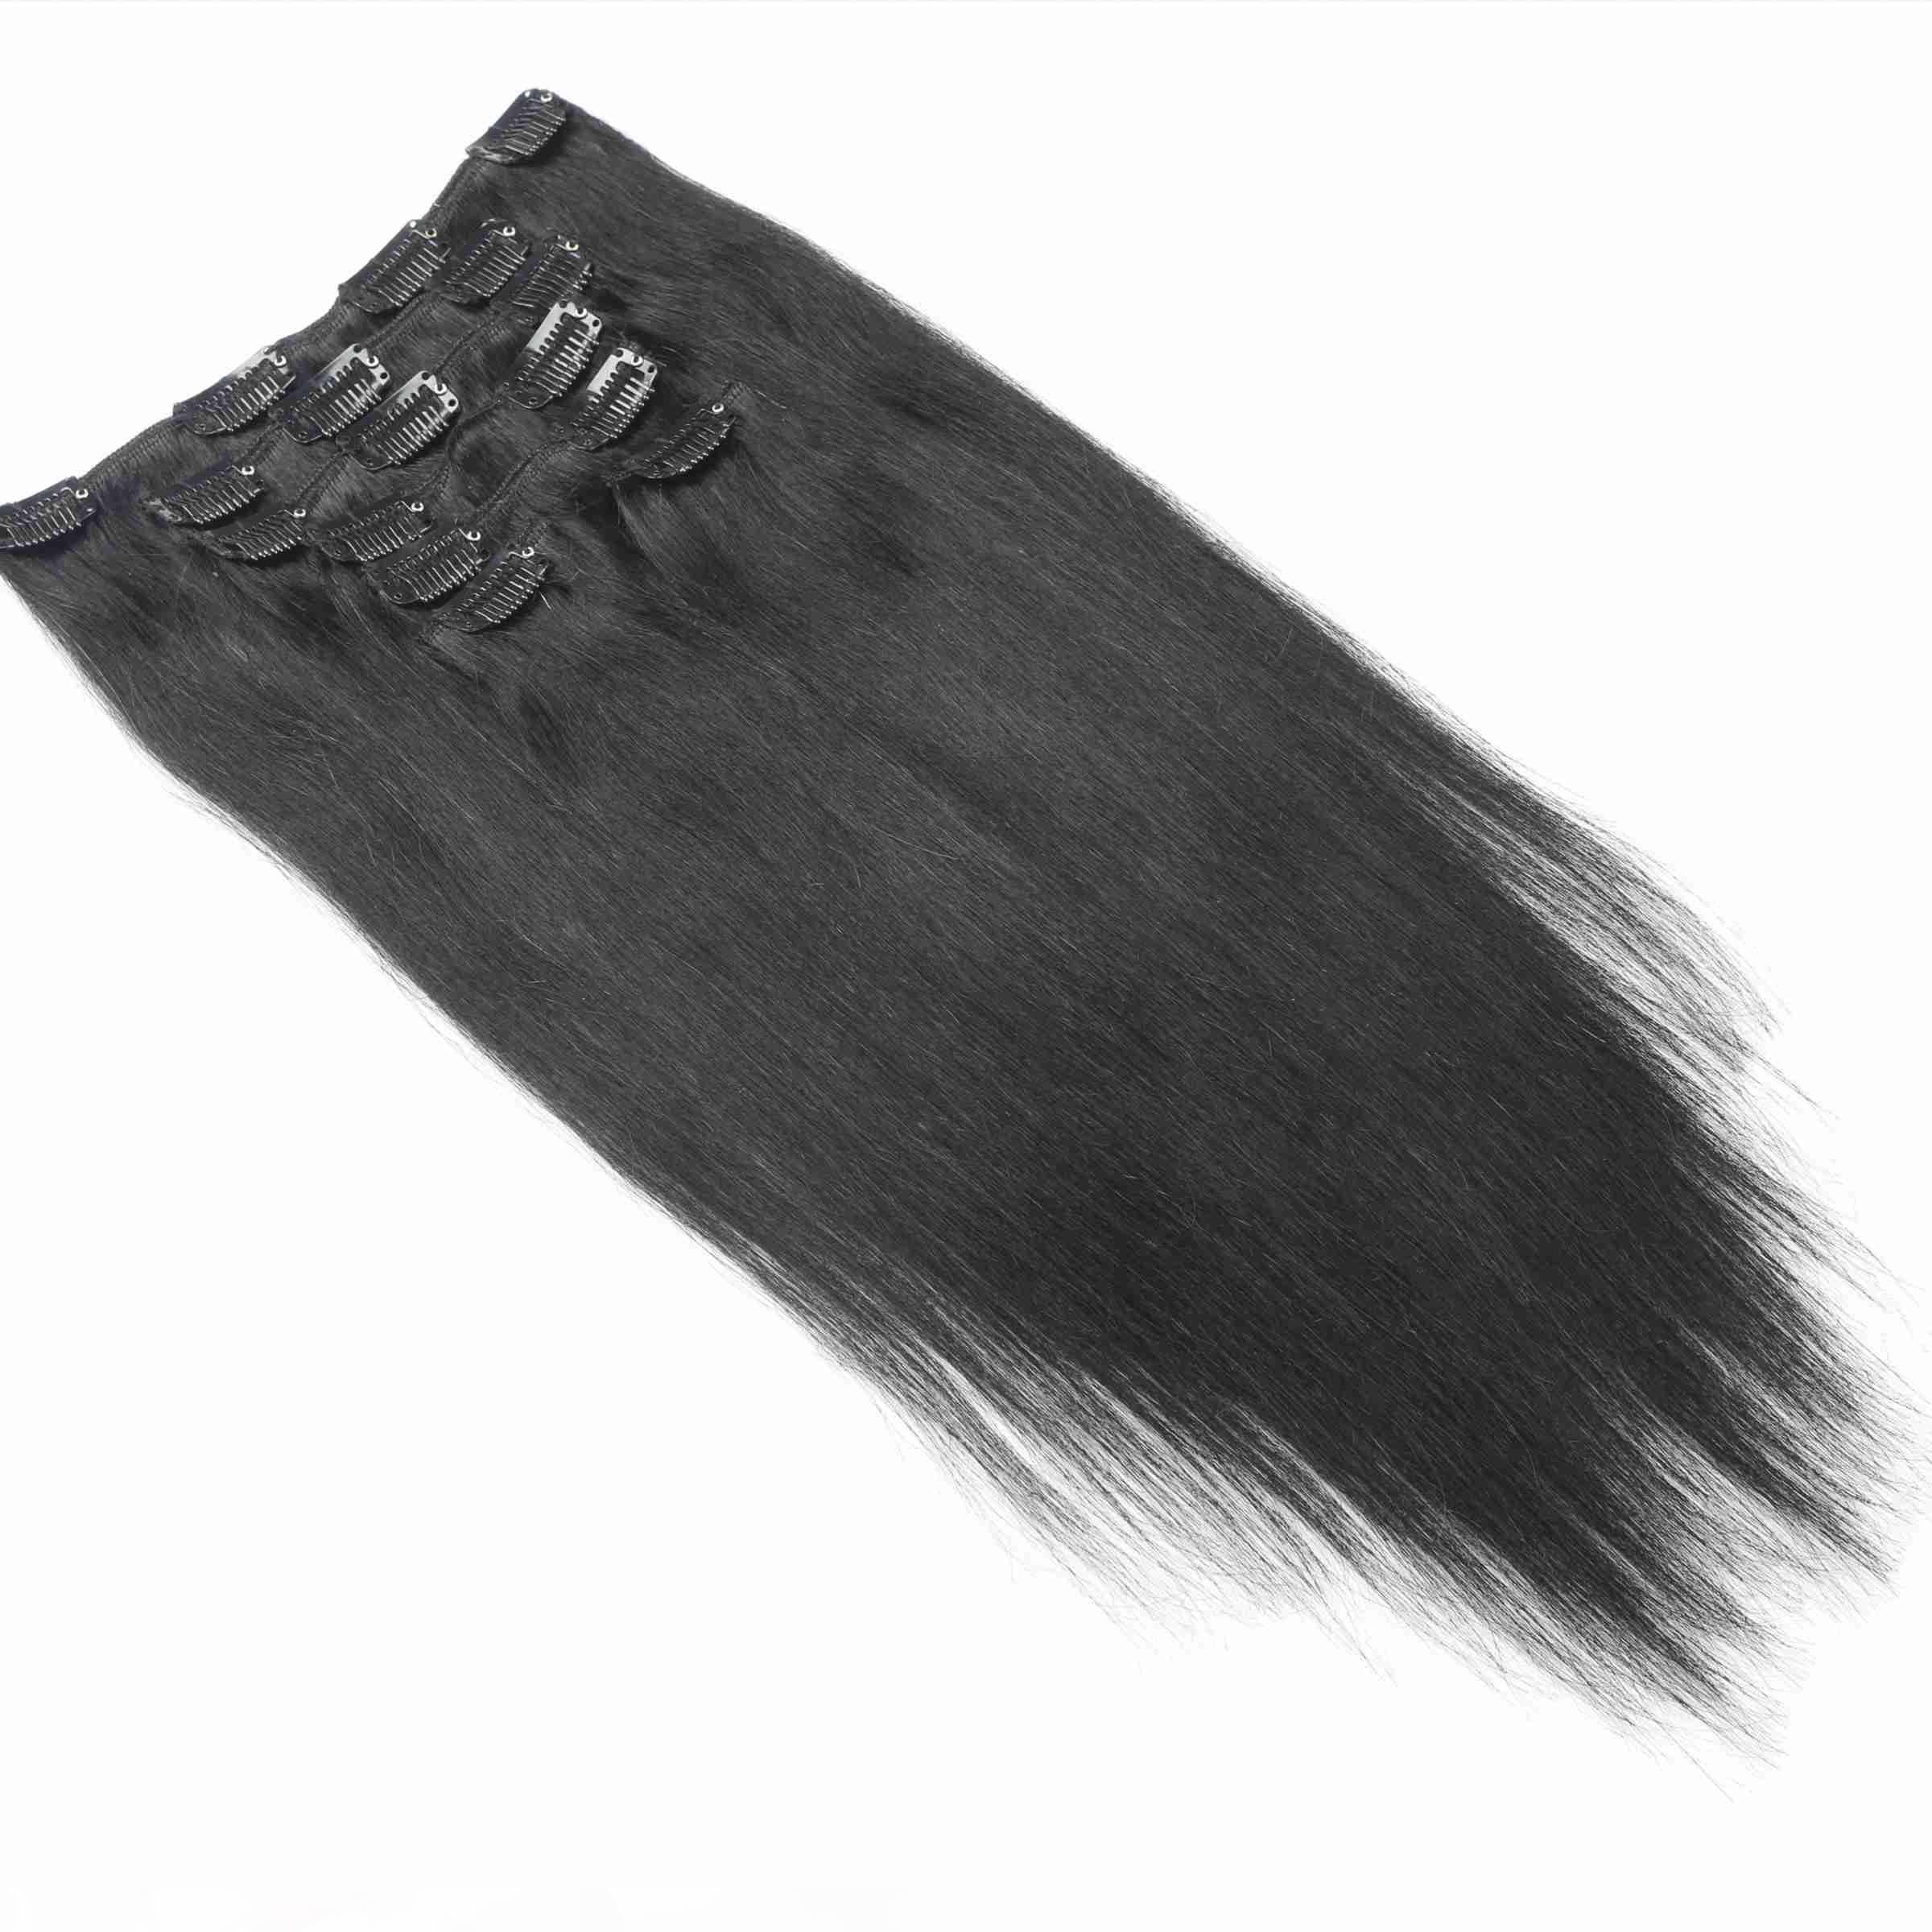 Remy brasileño derecho Clip de pelo extensiones del cabello humano natural del color 7 jugadas cabeza completa Establece 120G 160G 200G